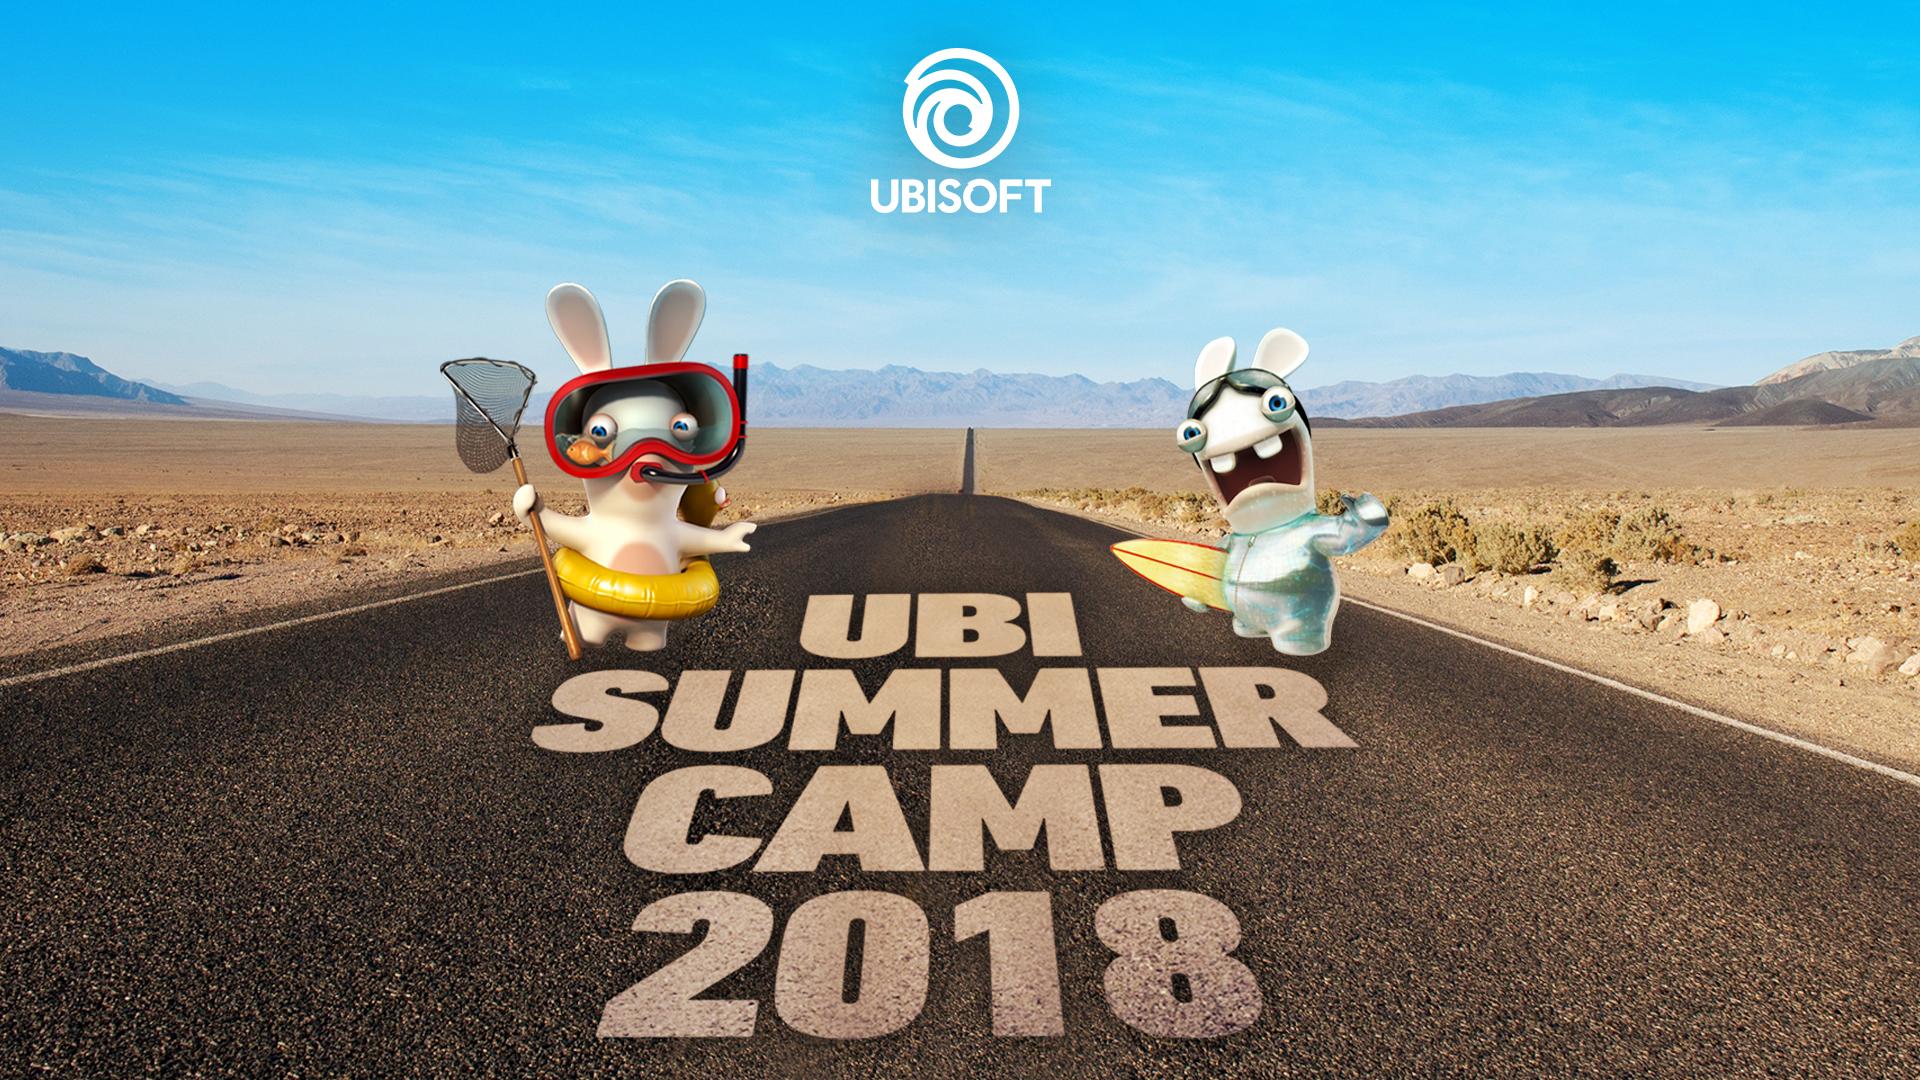 Ubi summercamp